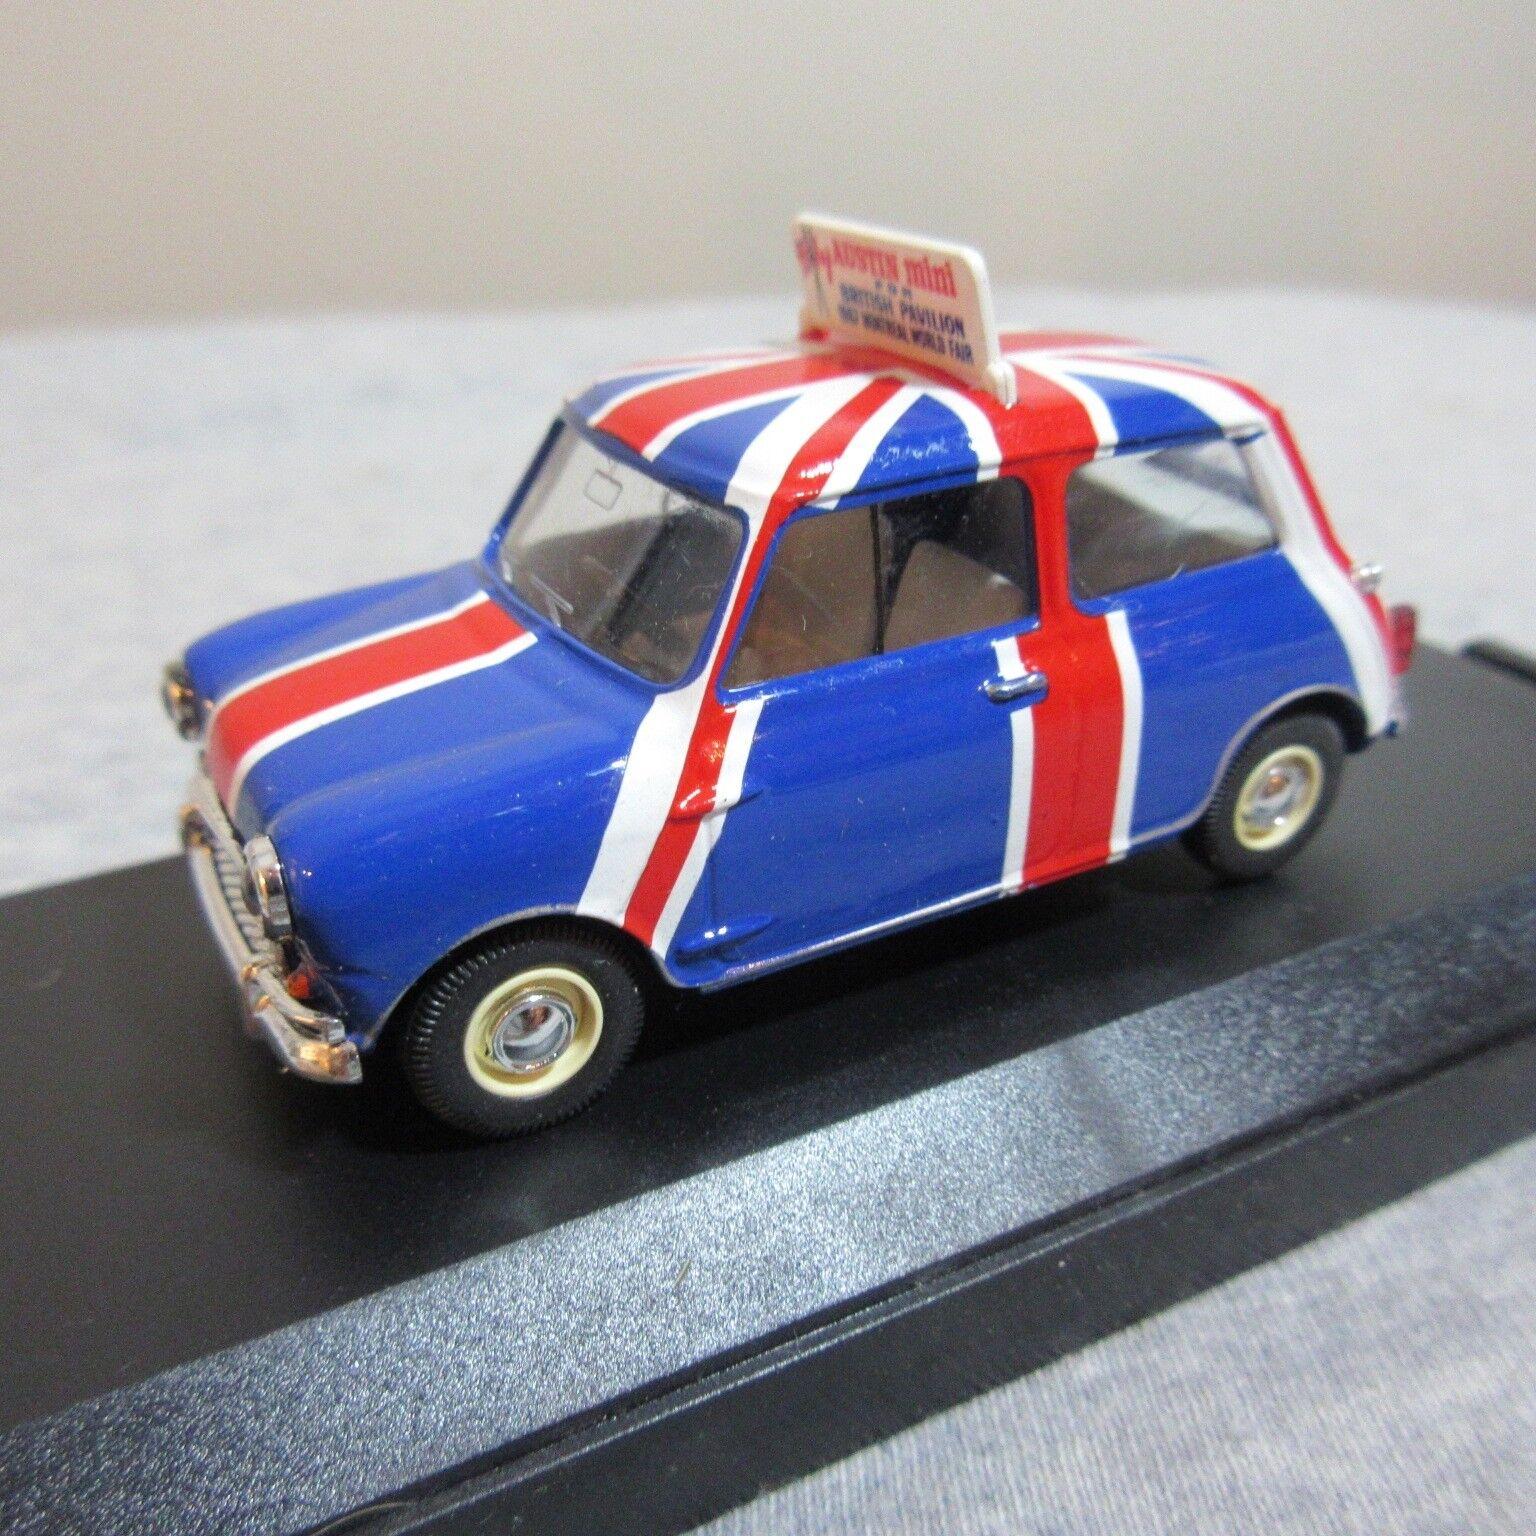 garantizado Nuevo Nuevo Nuevo En Caja Nueva Escala 1 43 raro duro encontrar Vitesse Austin Mini Edición Limitada 5000 1967 británico justo  protección post-venta